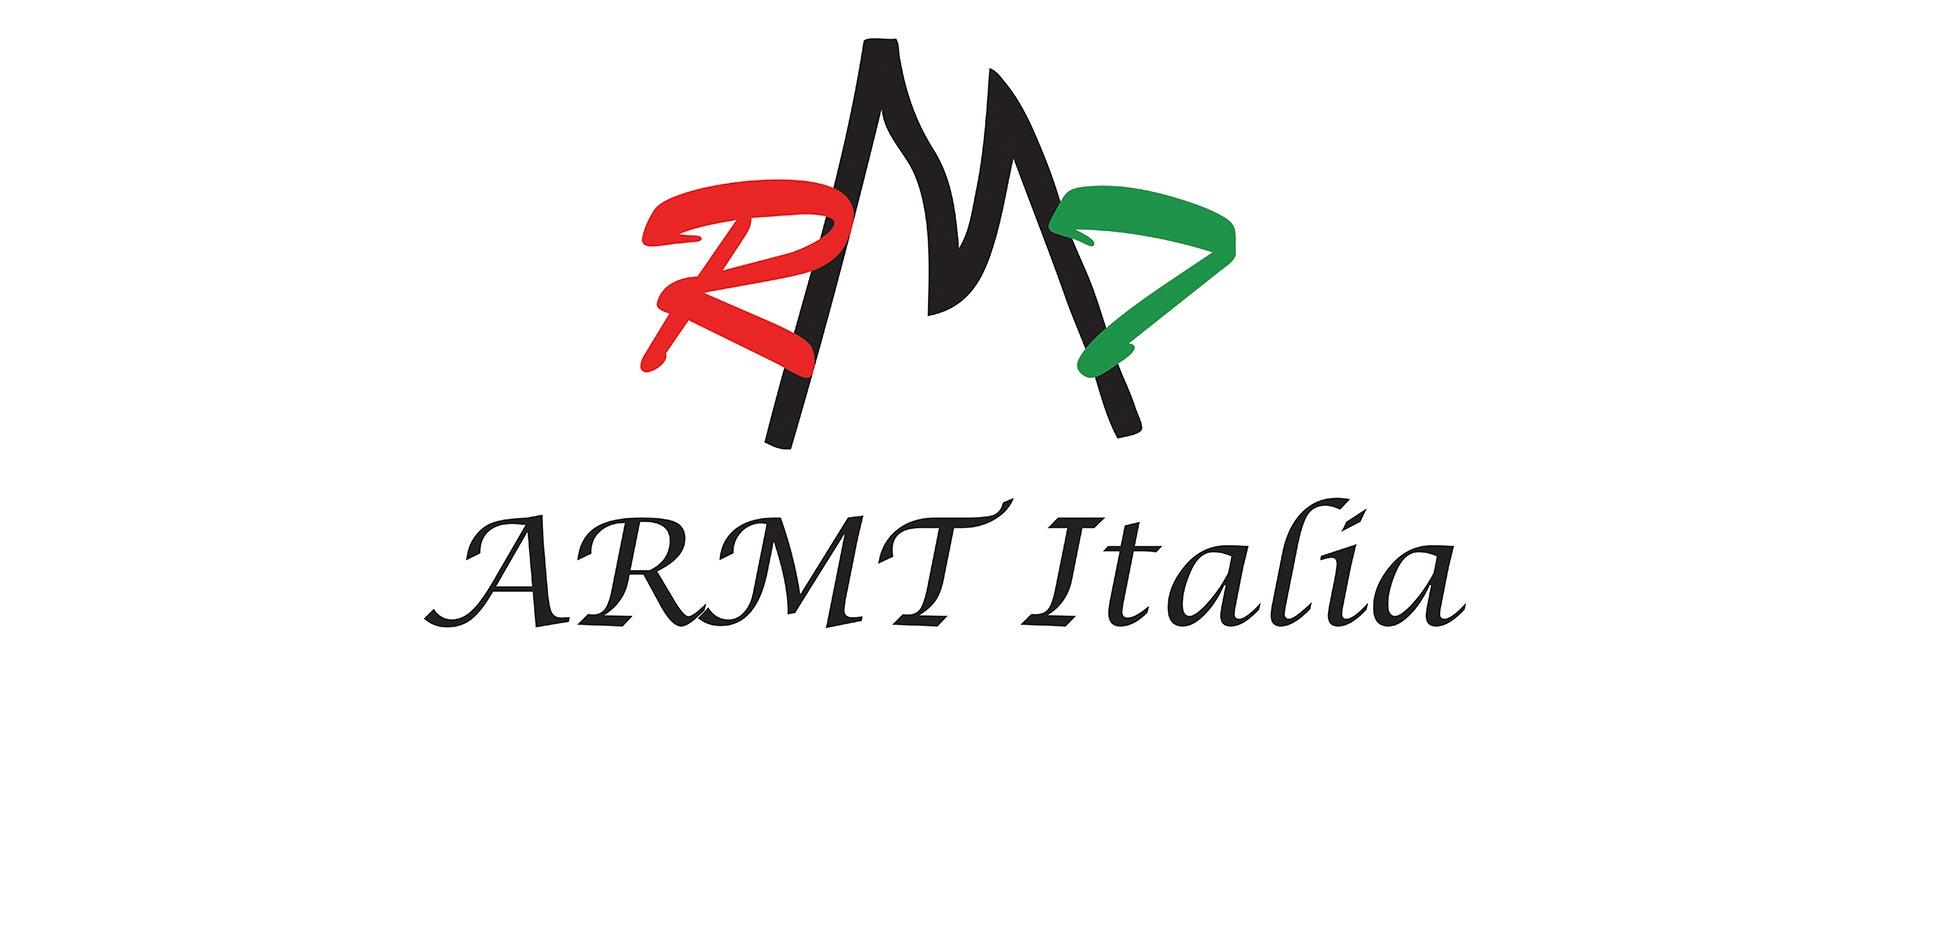 ARMT italia